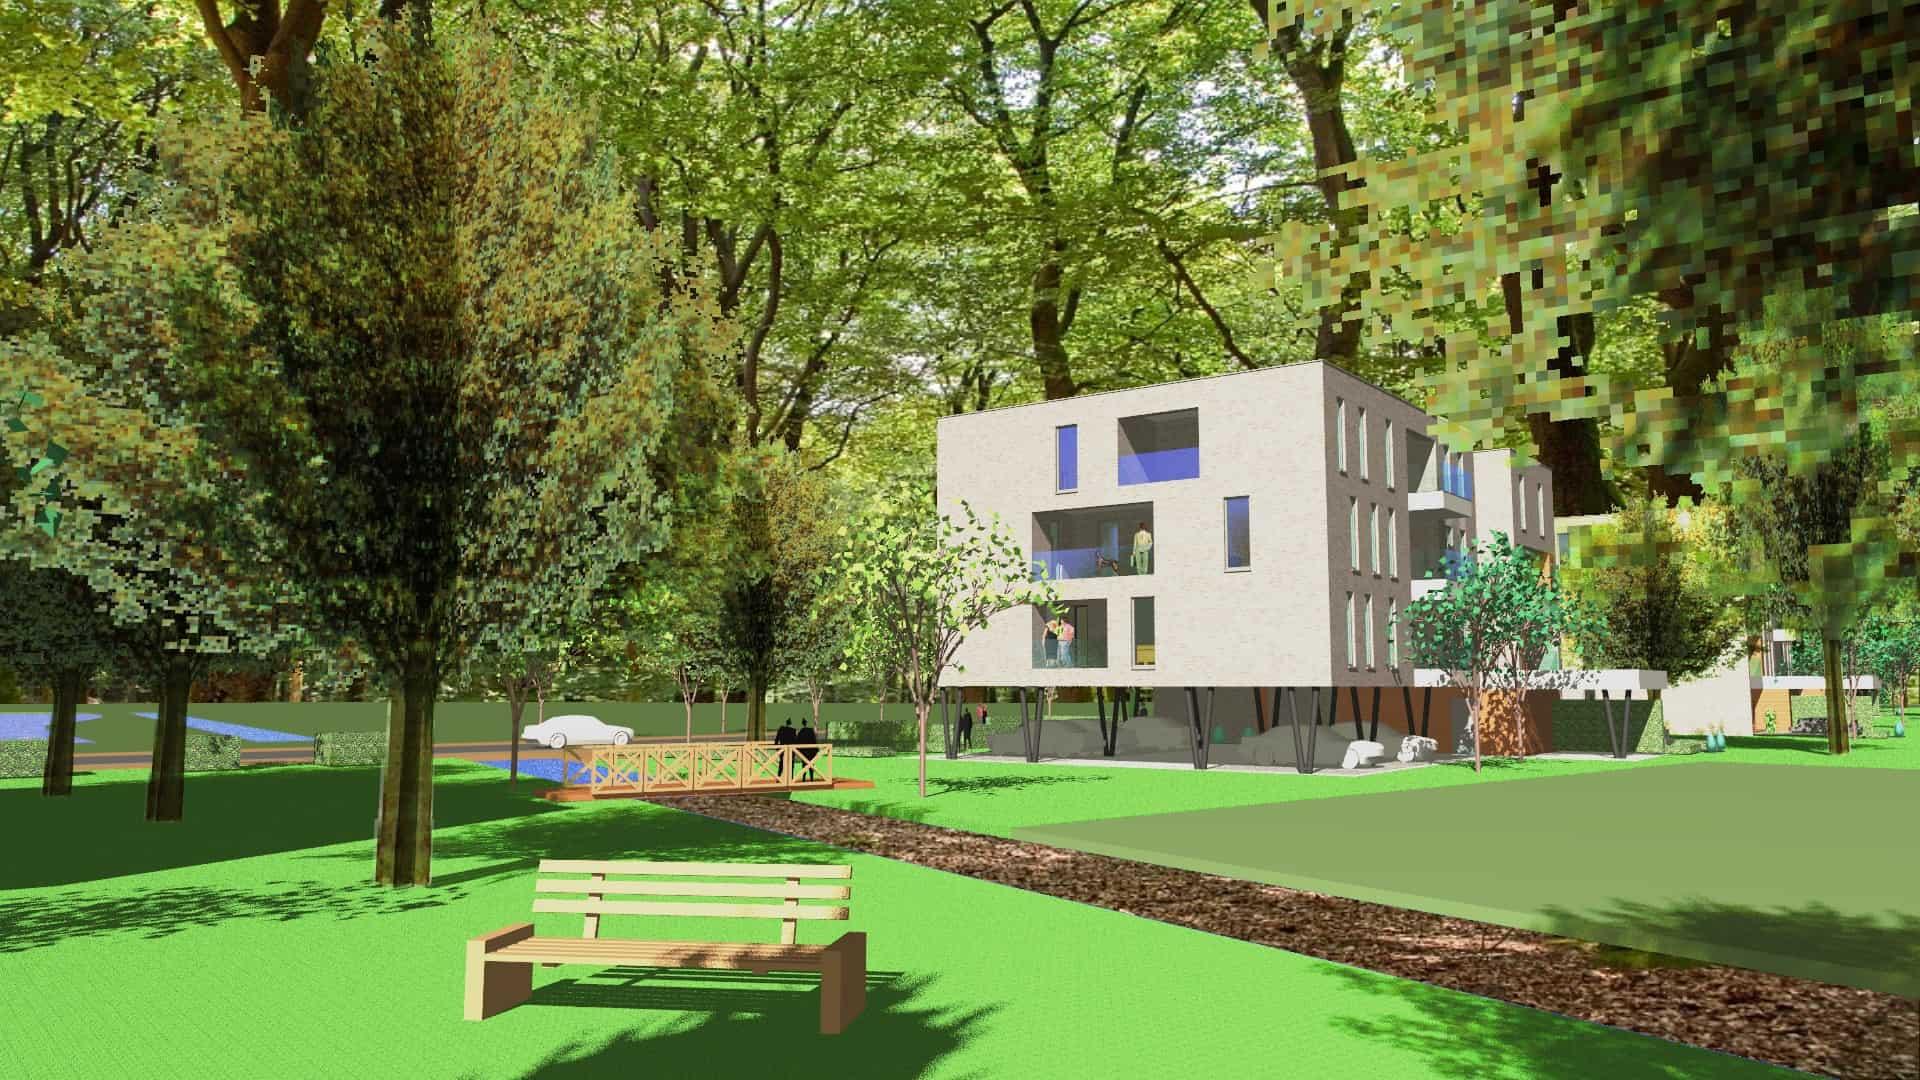 Detail afbeelding 4 van VO – BE   –   48 Appartementen tussen de bomen   –   Zonhoven | Ontwerp door architect Patrick Strackx